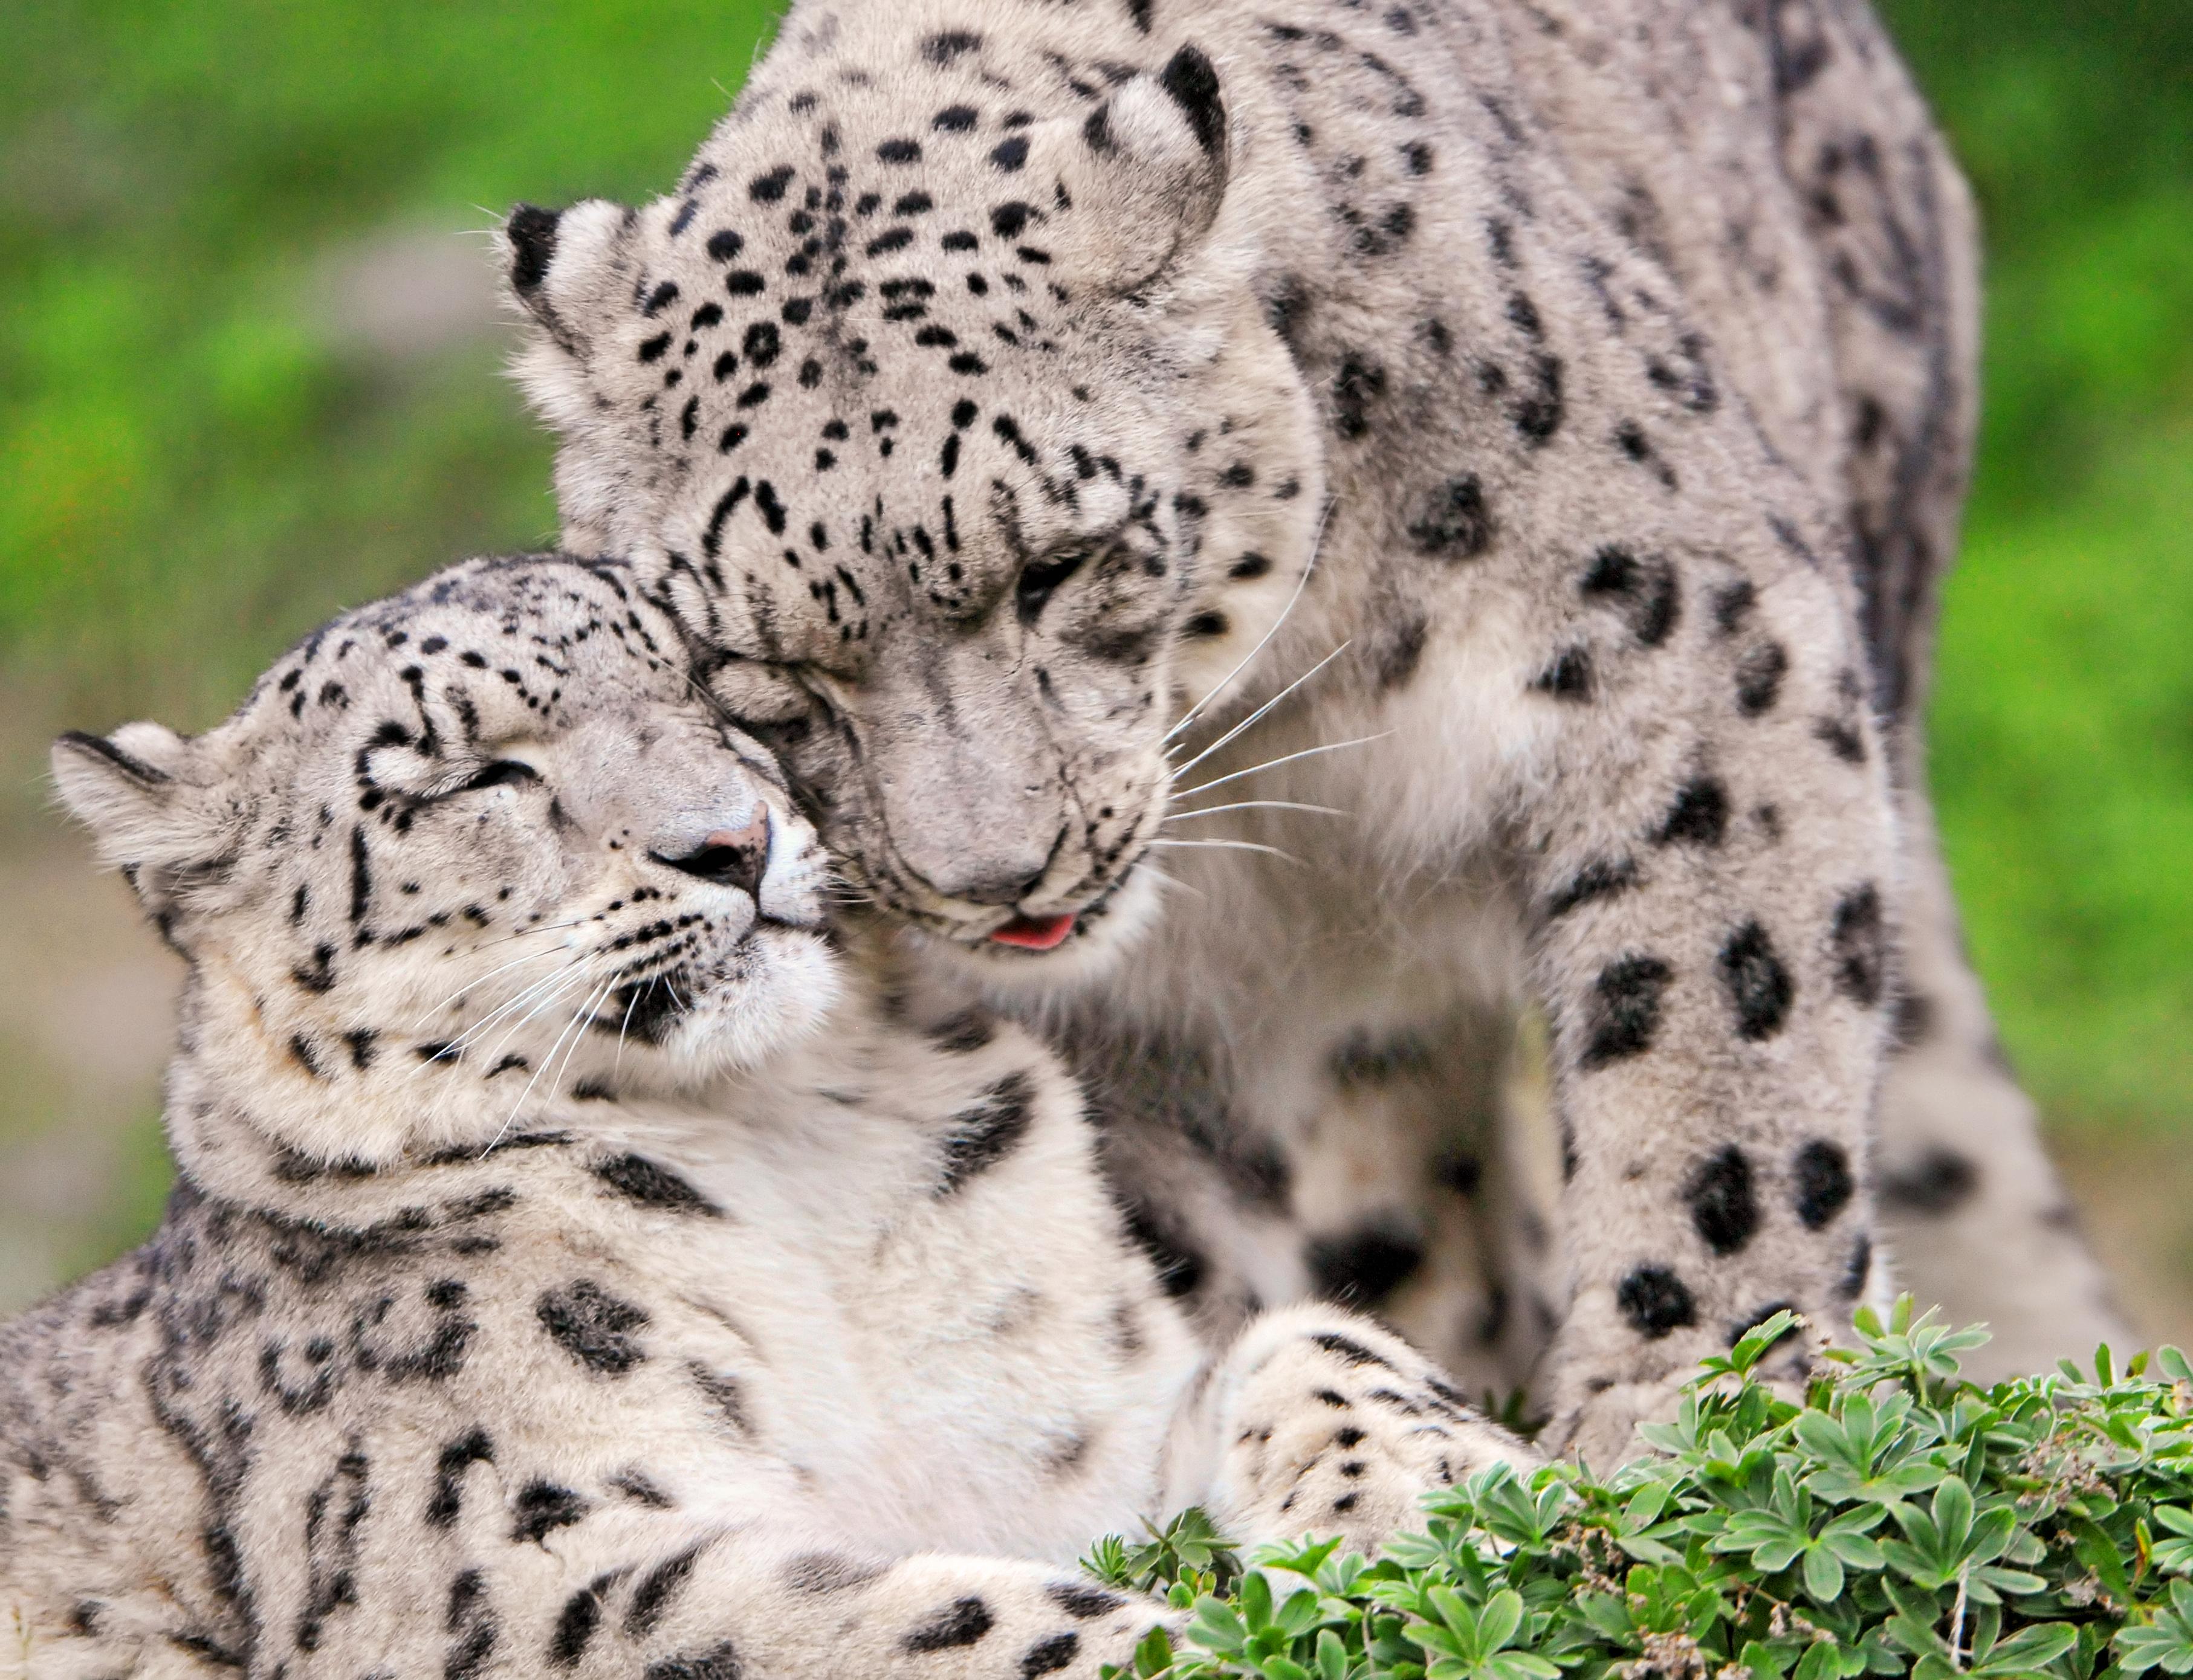 絶滅危惧種のユキヒョウ、扉に頭挟まれ死ぬ…多摩動物公園 ...